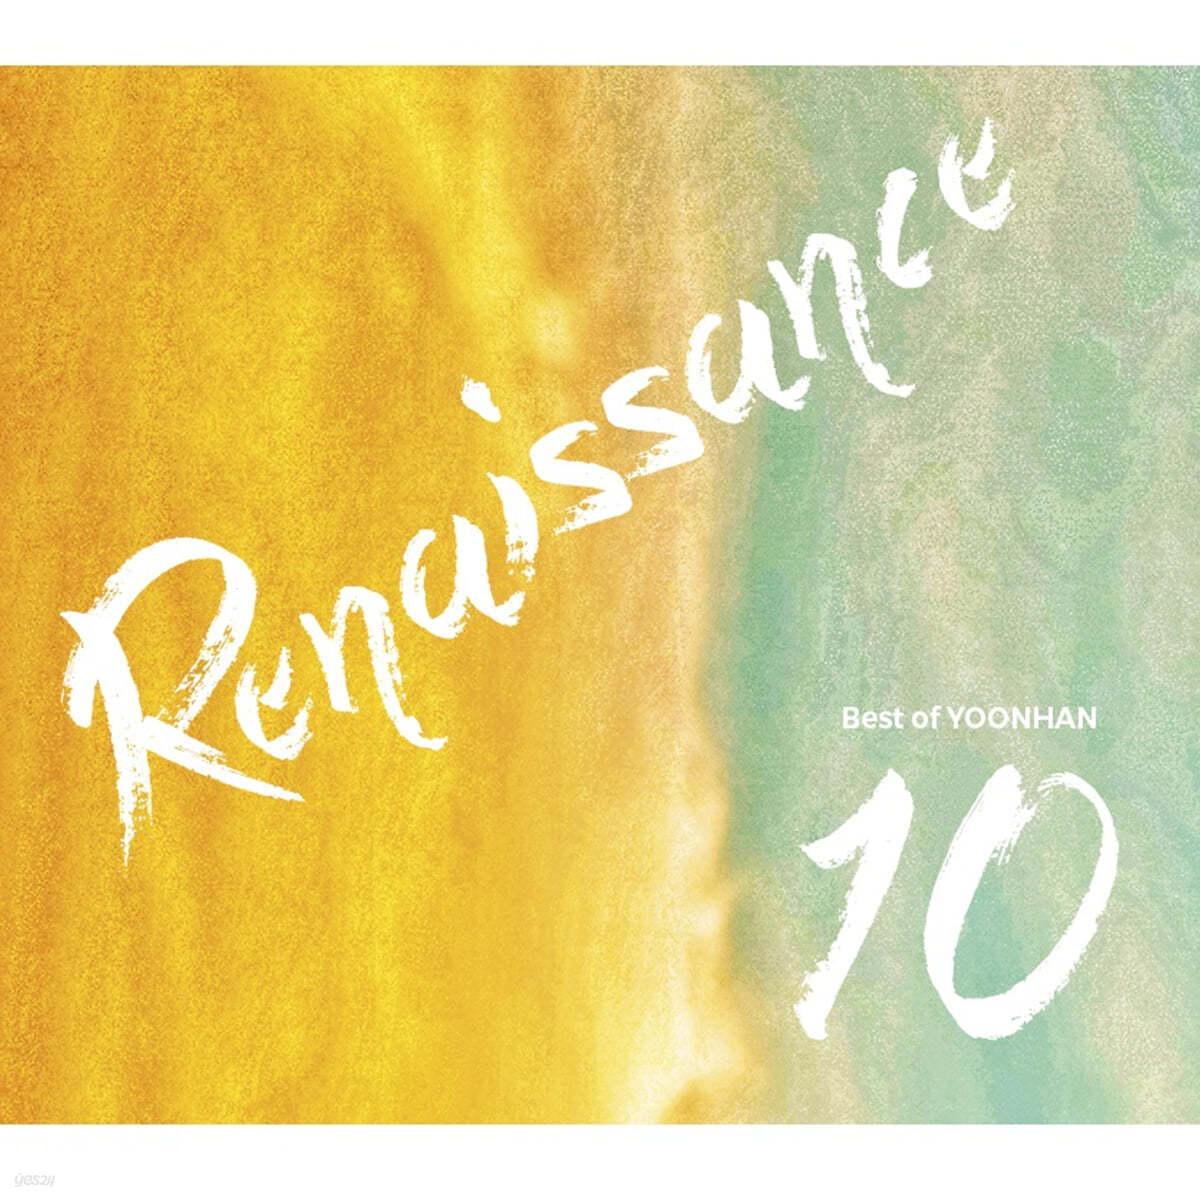 윤한 - Renaissance